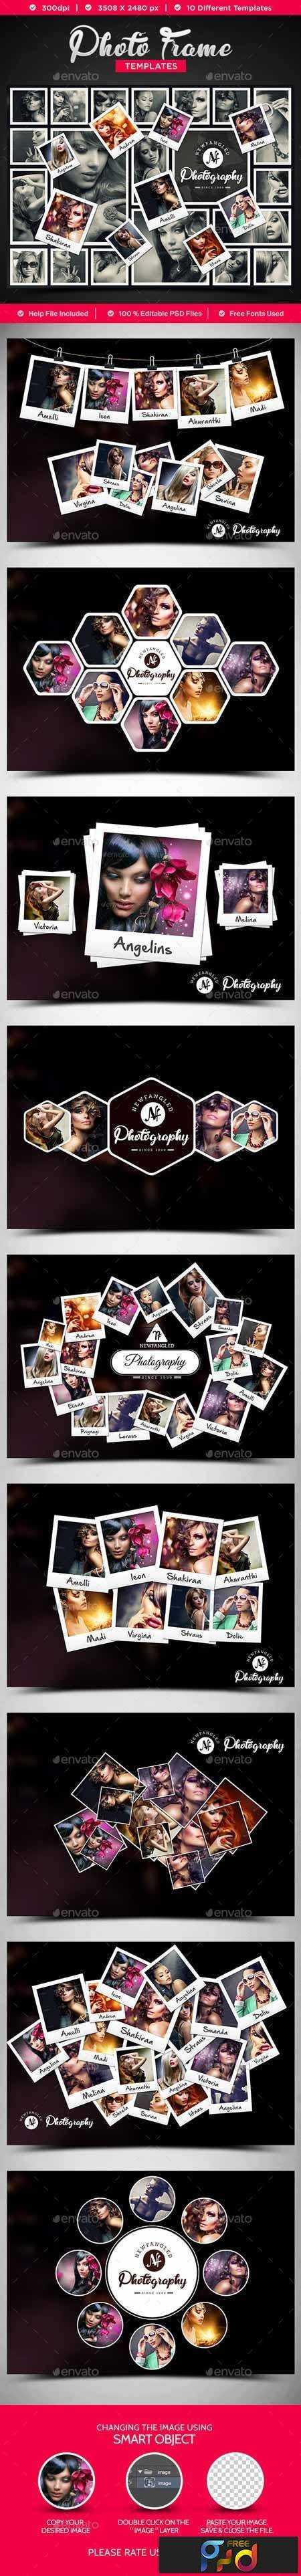 freepsdvn-com_1433114740_photo-frame-templates-11610902